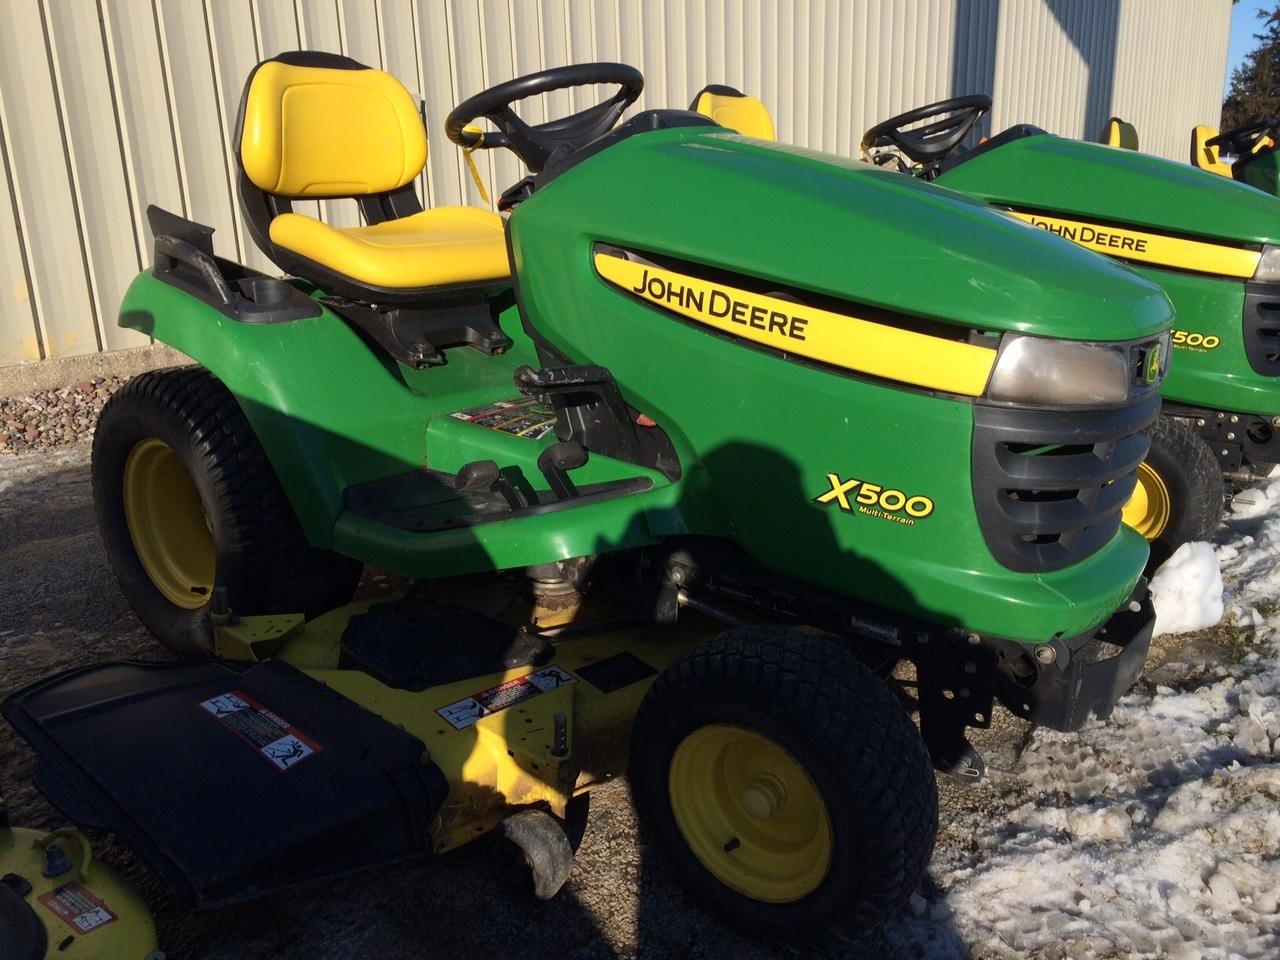 John Deere X500 Lawn Garden Tractors For Sale 53094